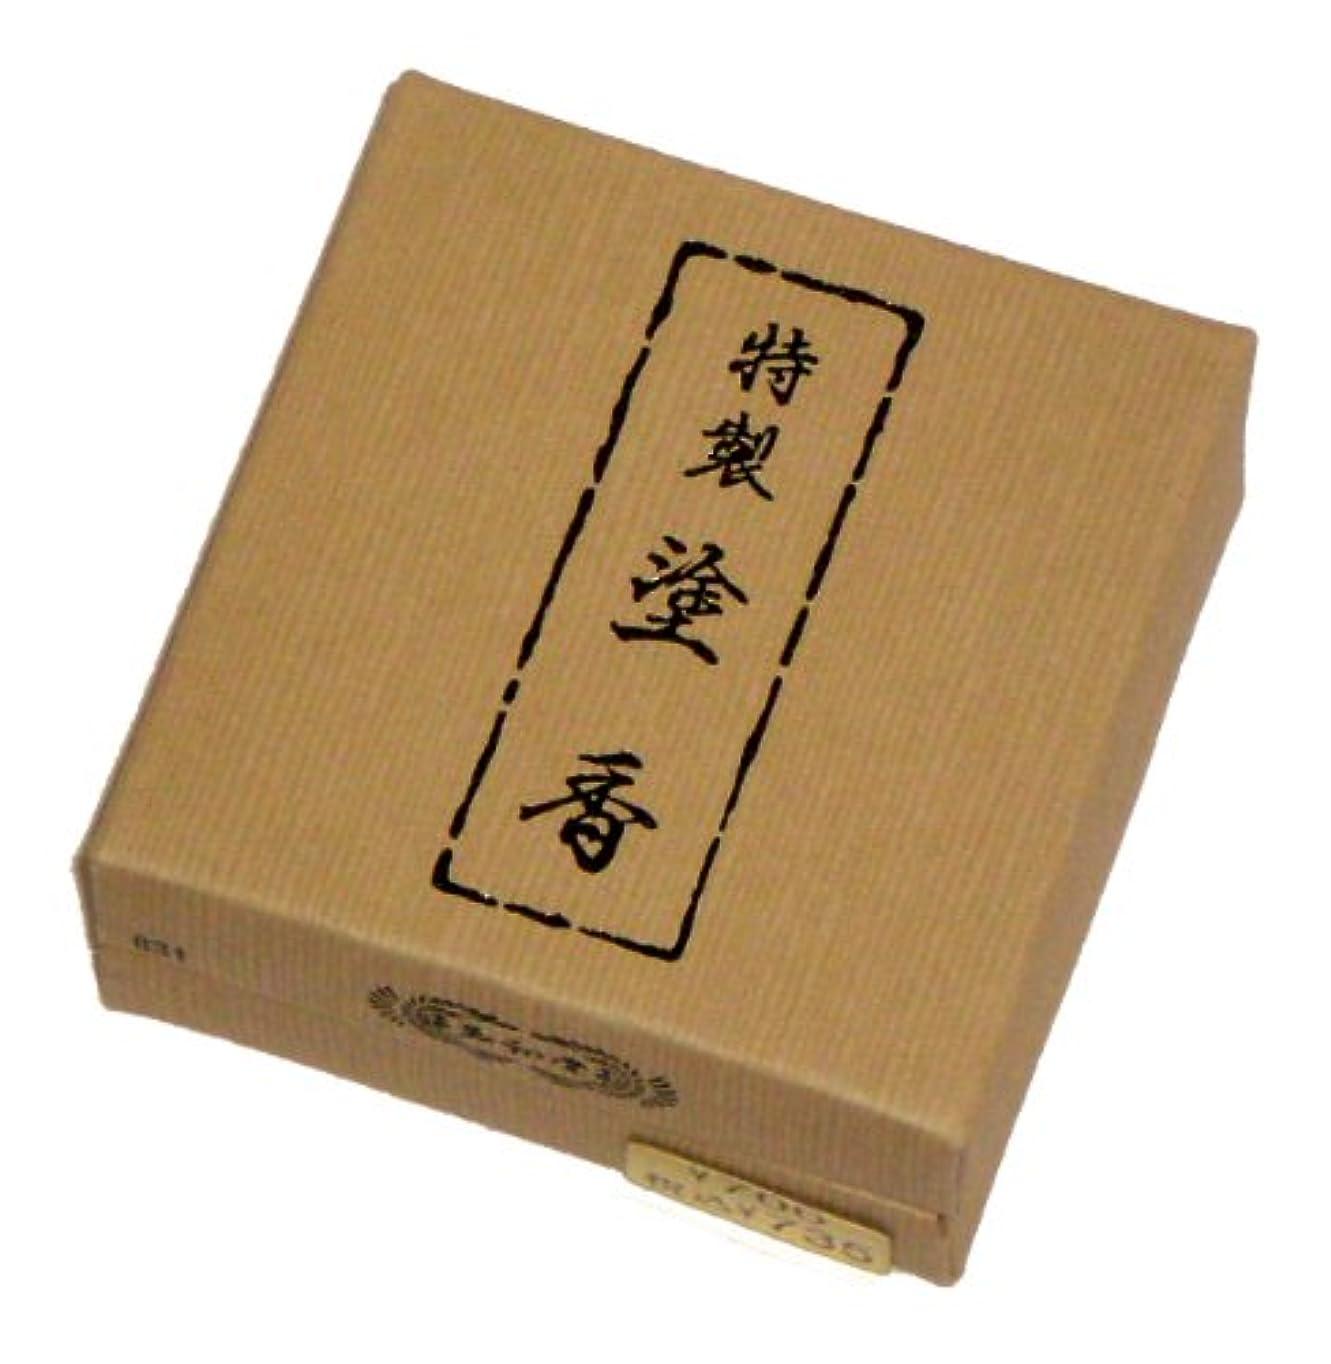 トマト司令官感動する玉初堂のお香 特製塗香 15g 紙箱 #831